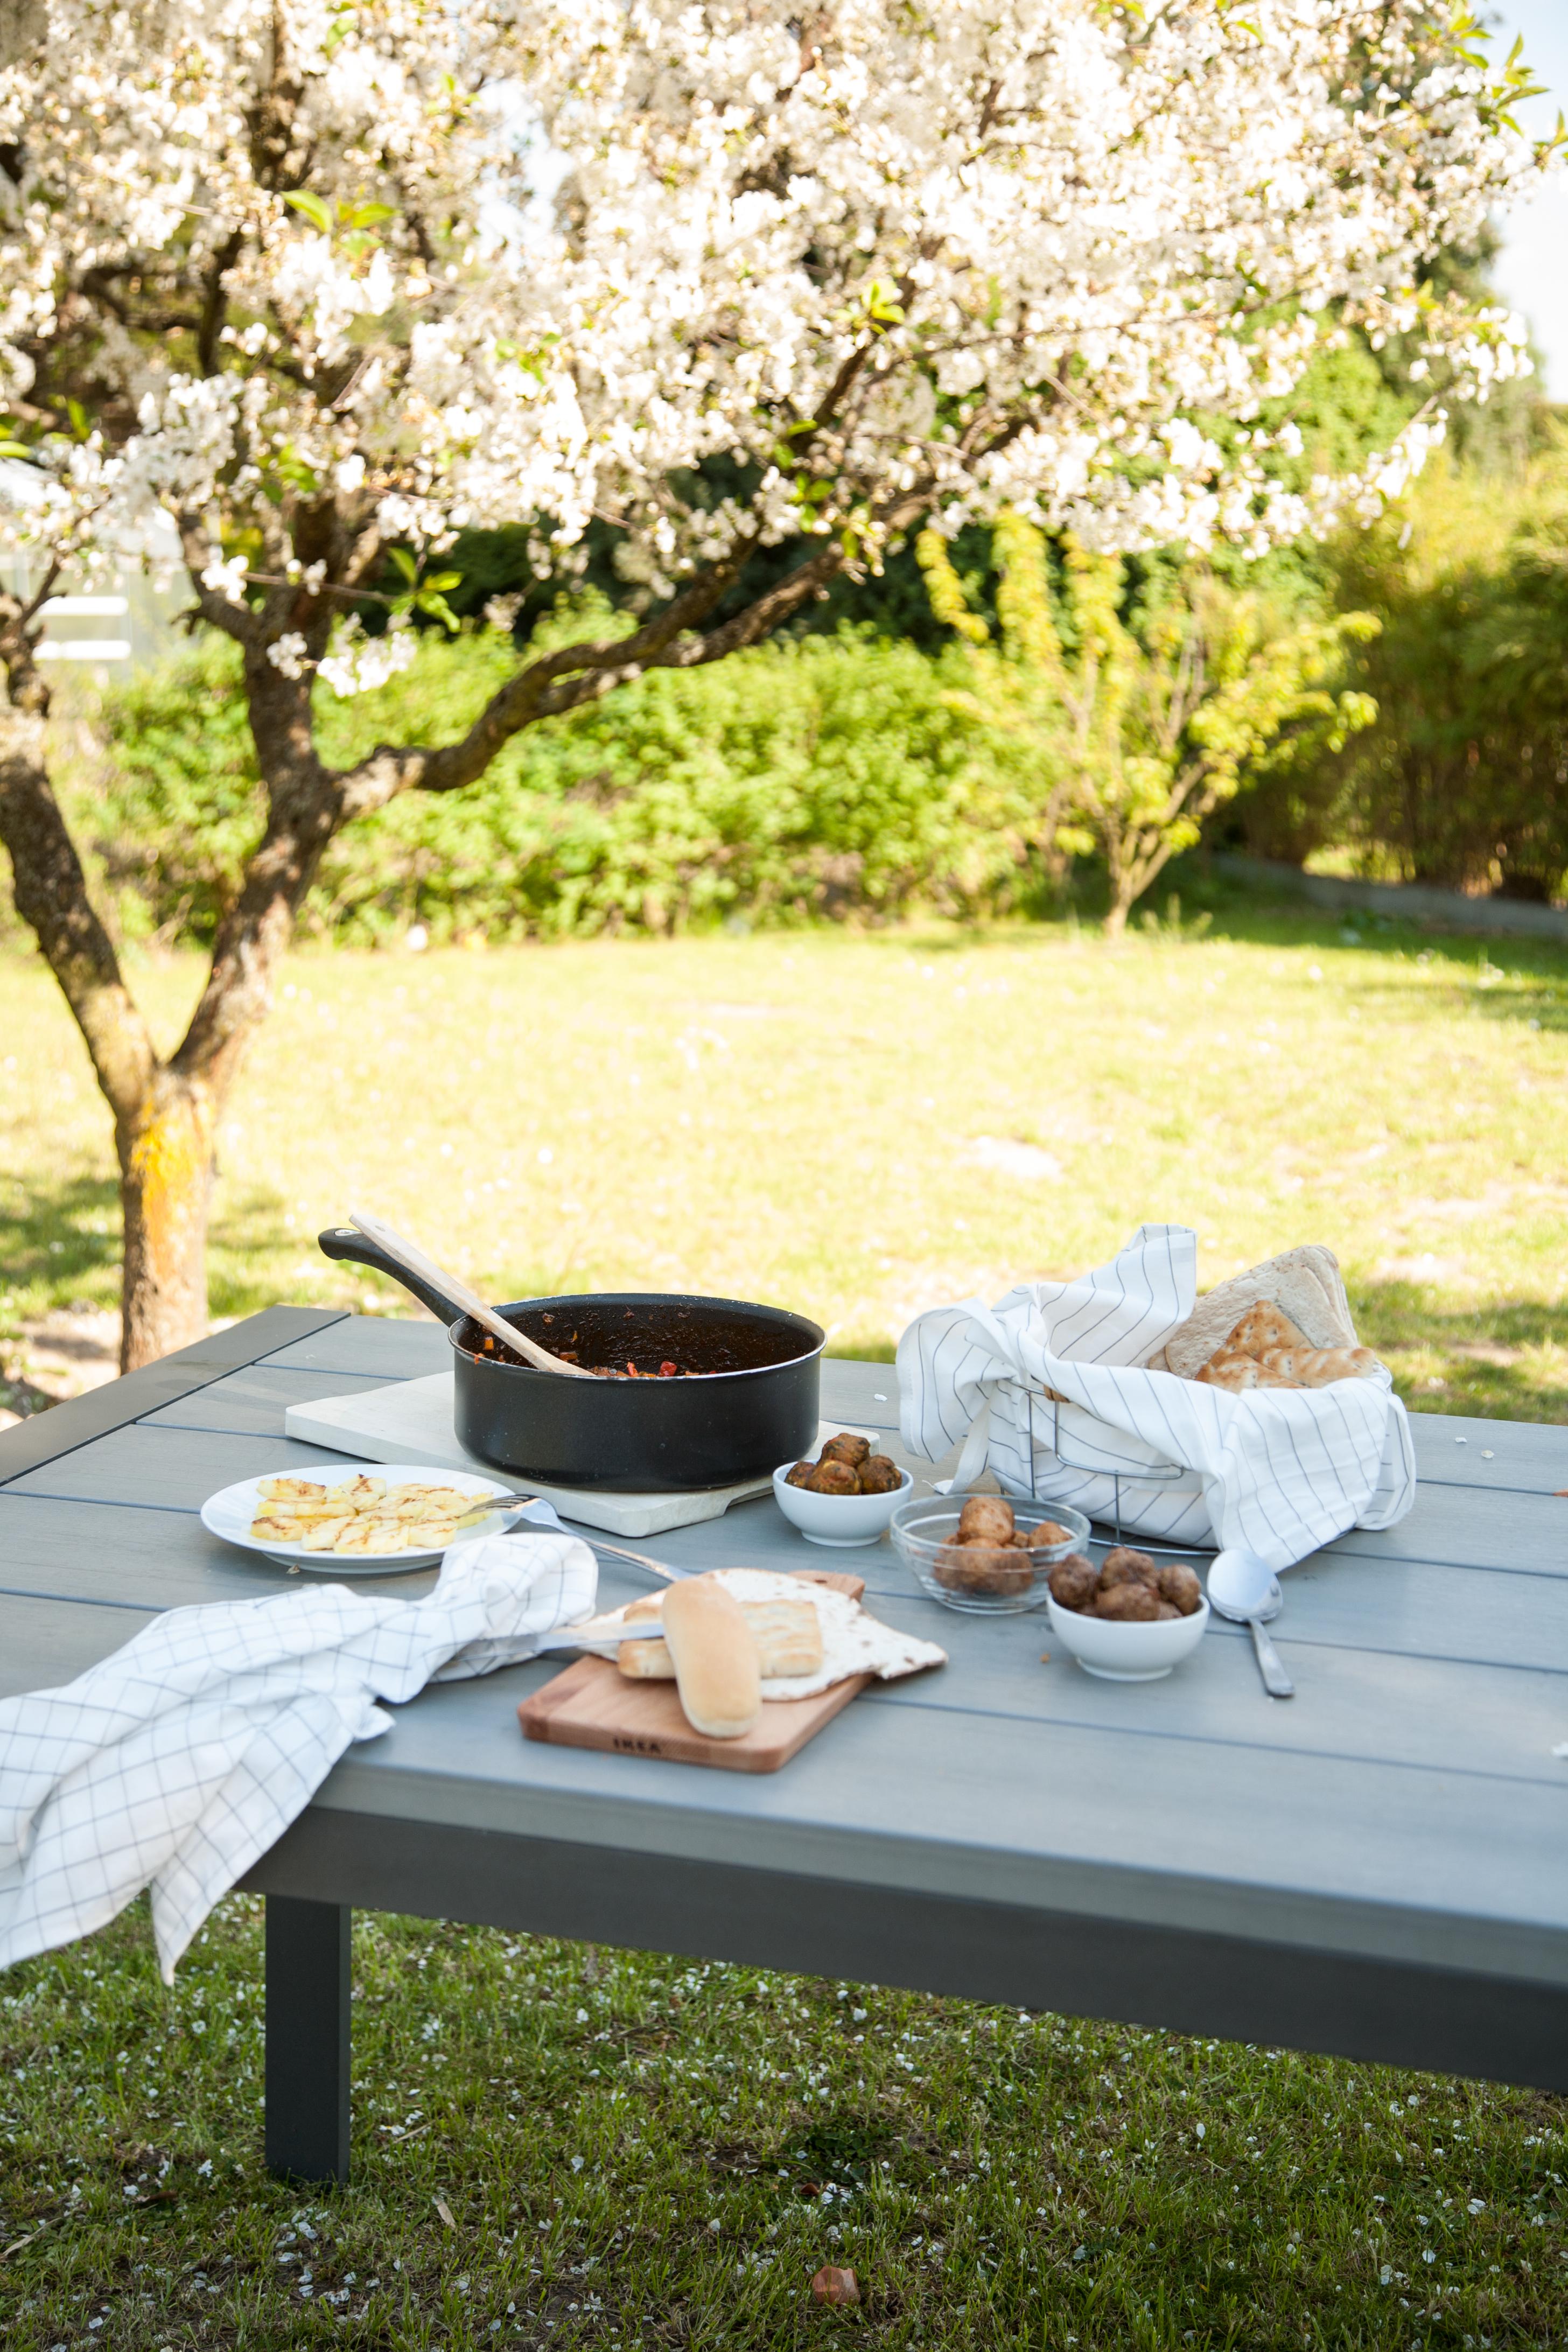 Meilleur de balancelle jardin ikea id es de salon de jardin for Mesas de jardin ikea